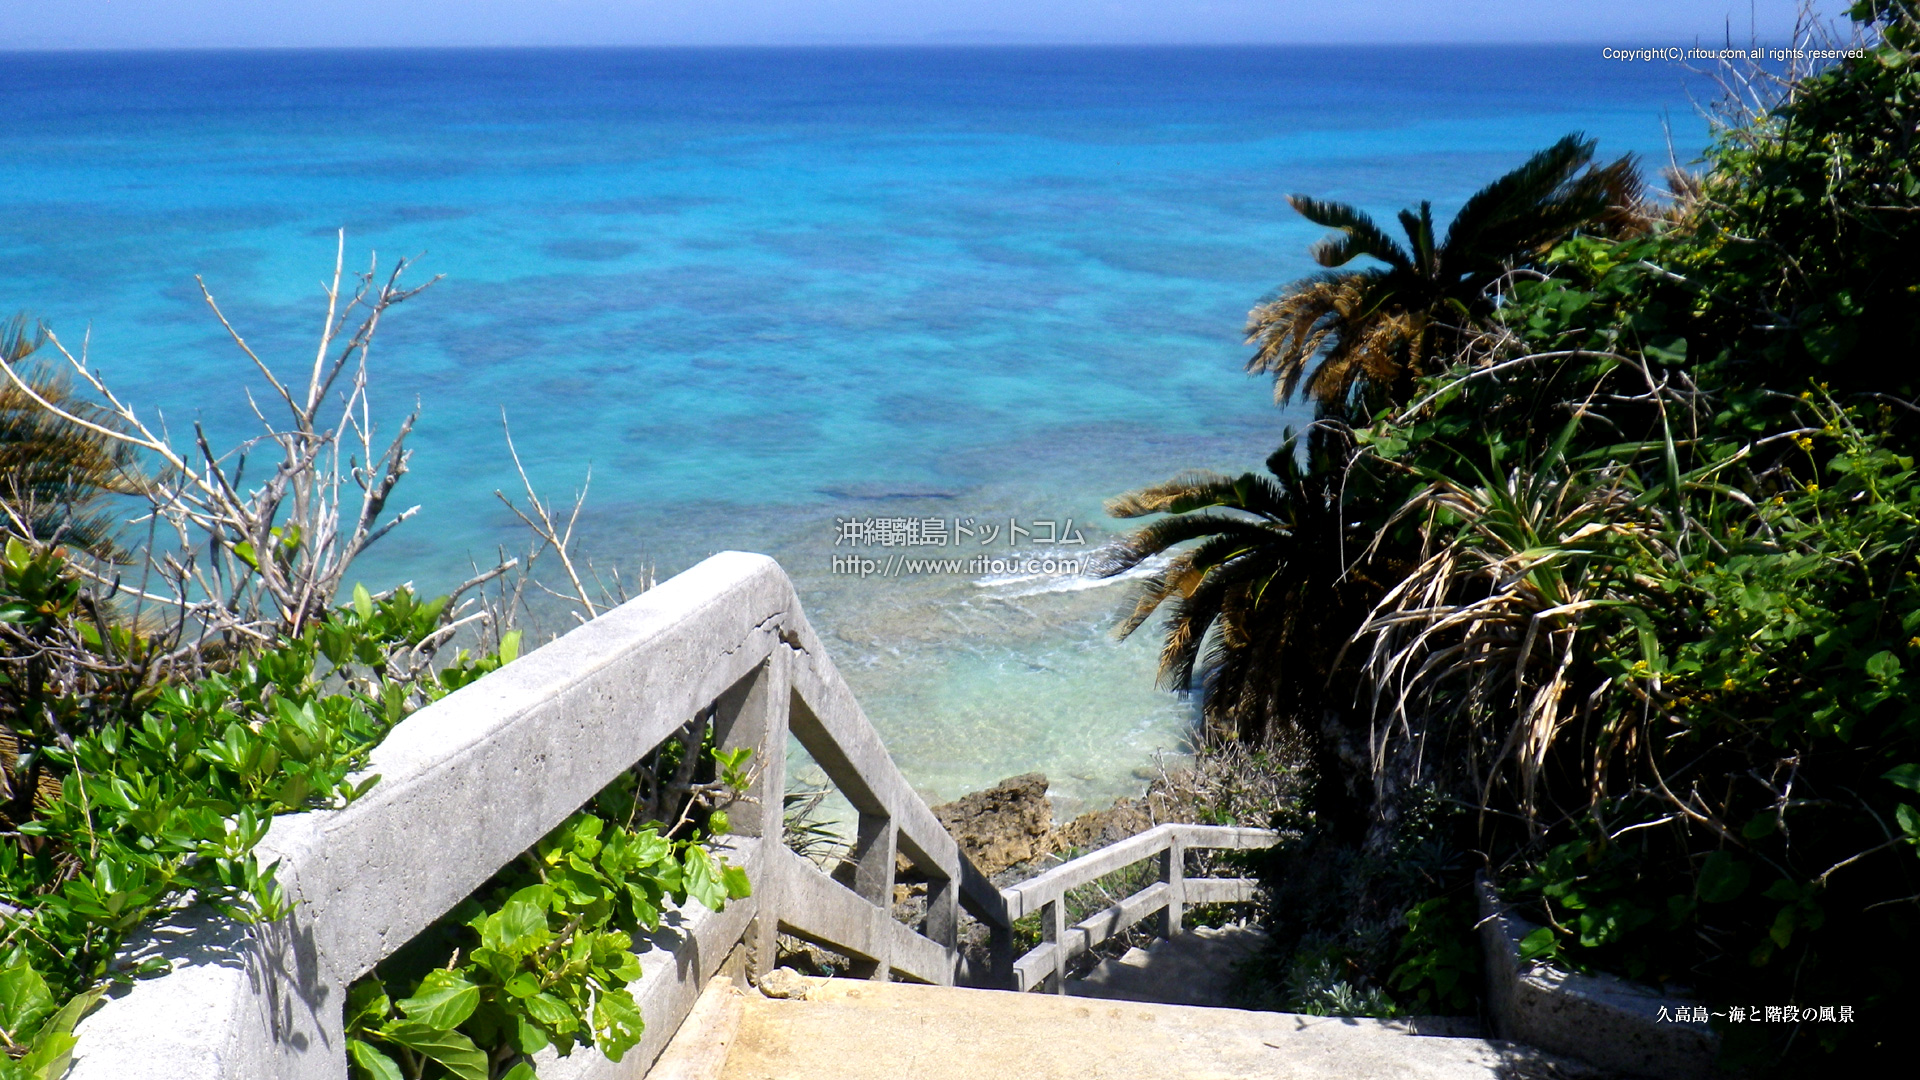 久高島〜海と階段の風景